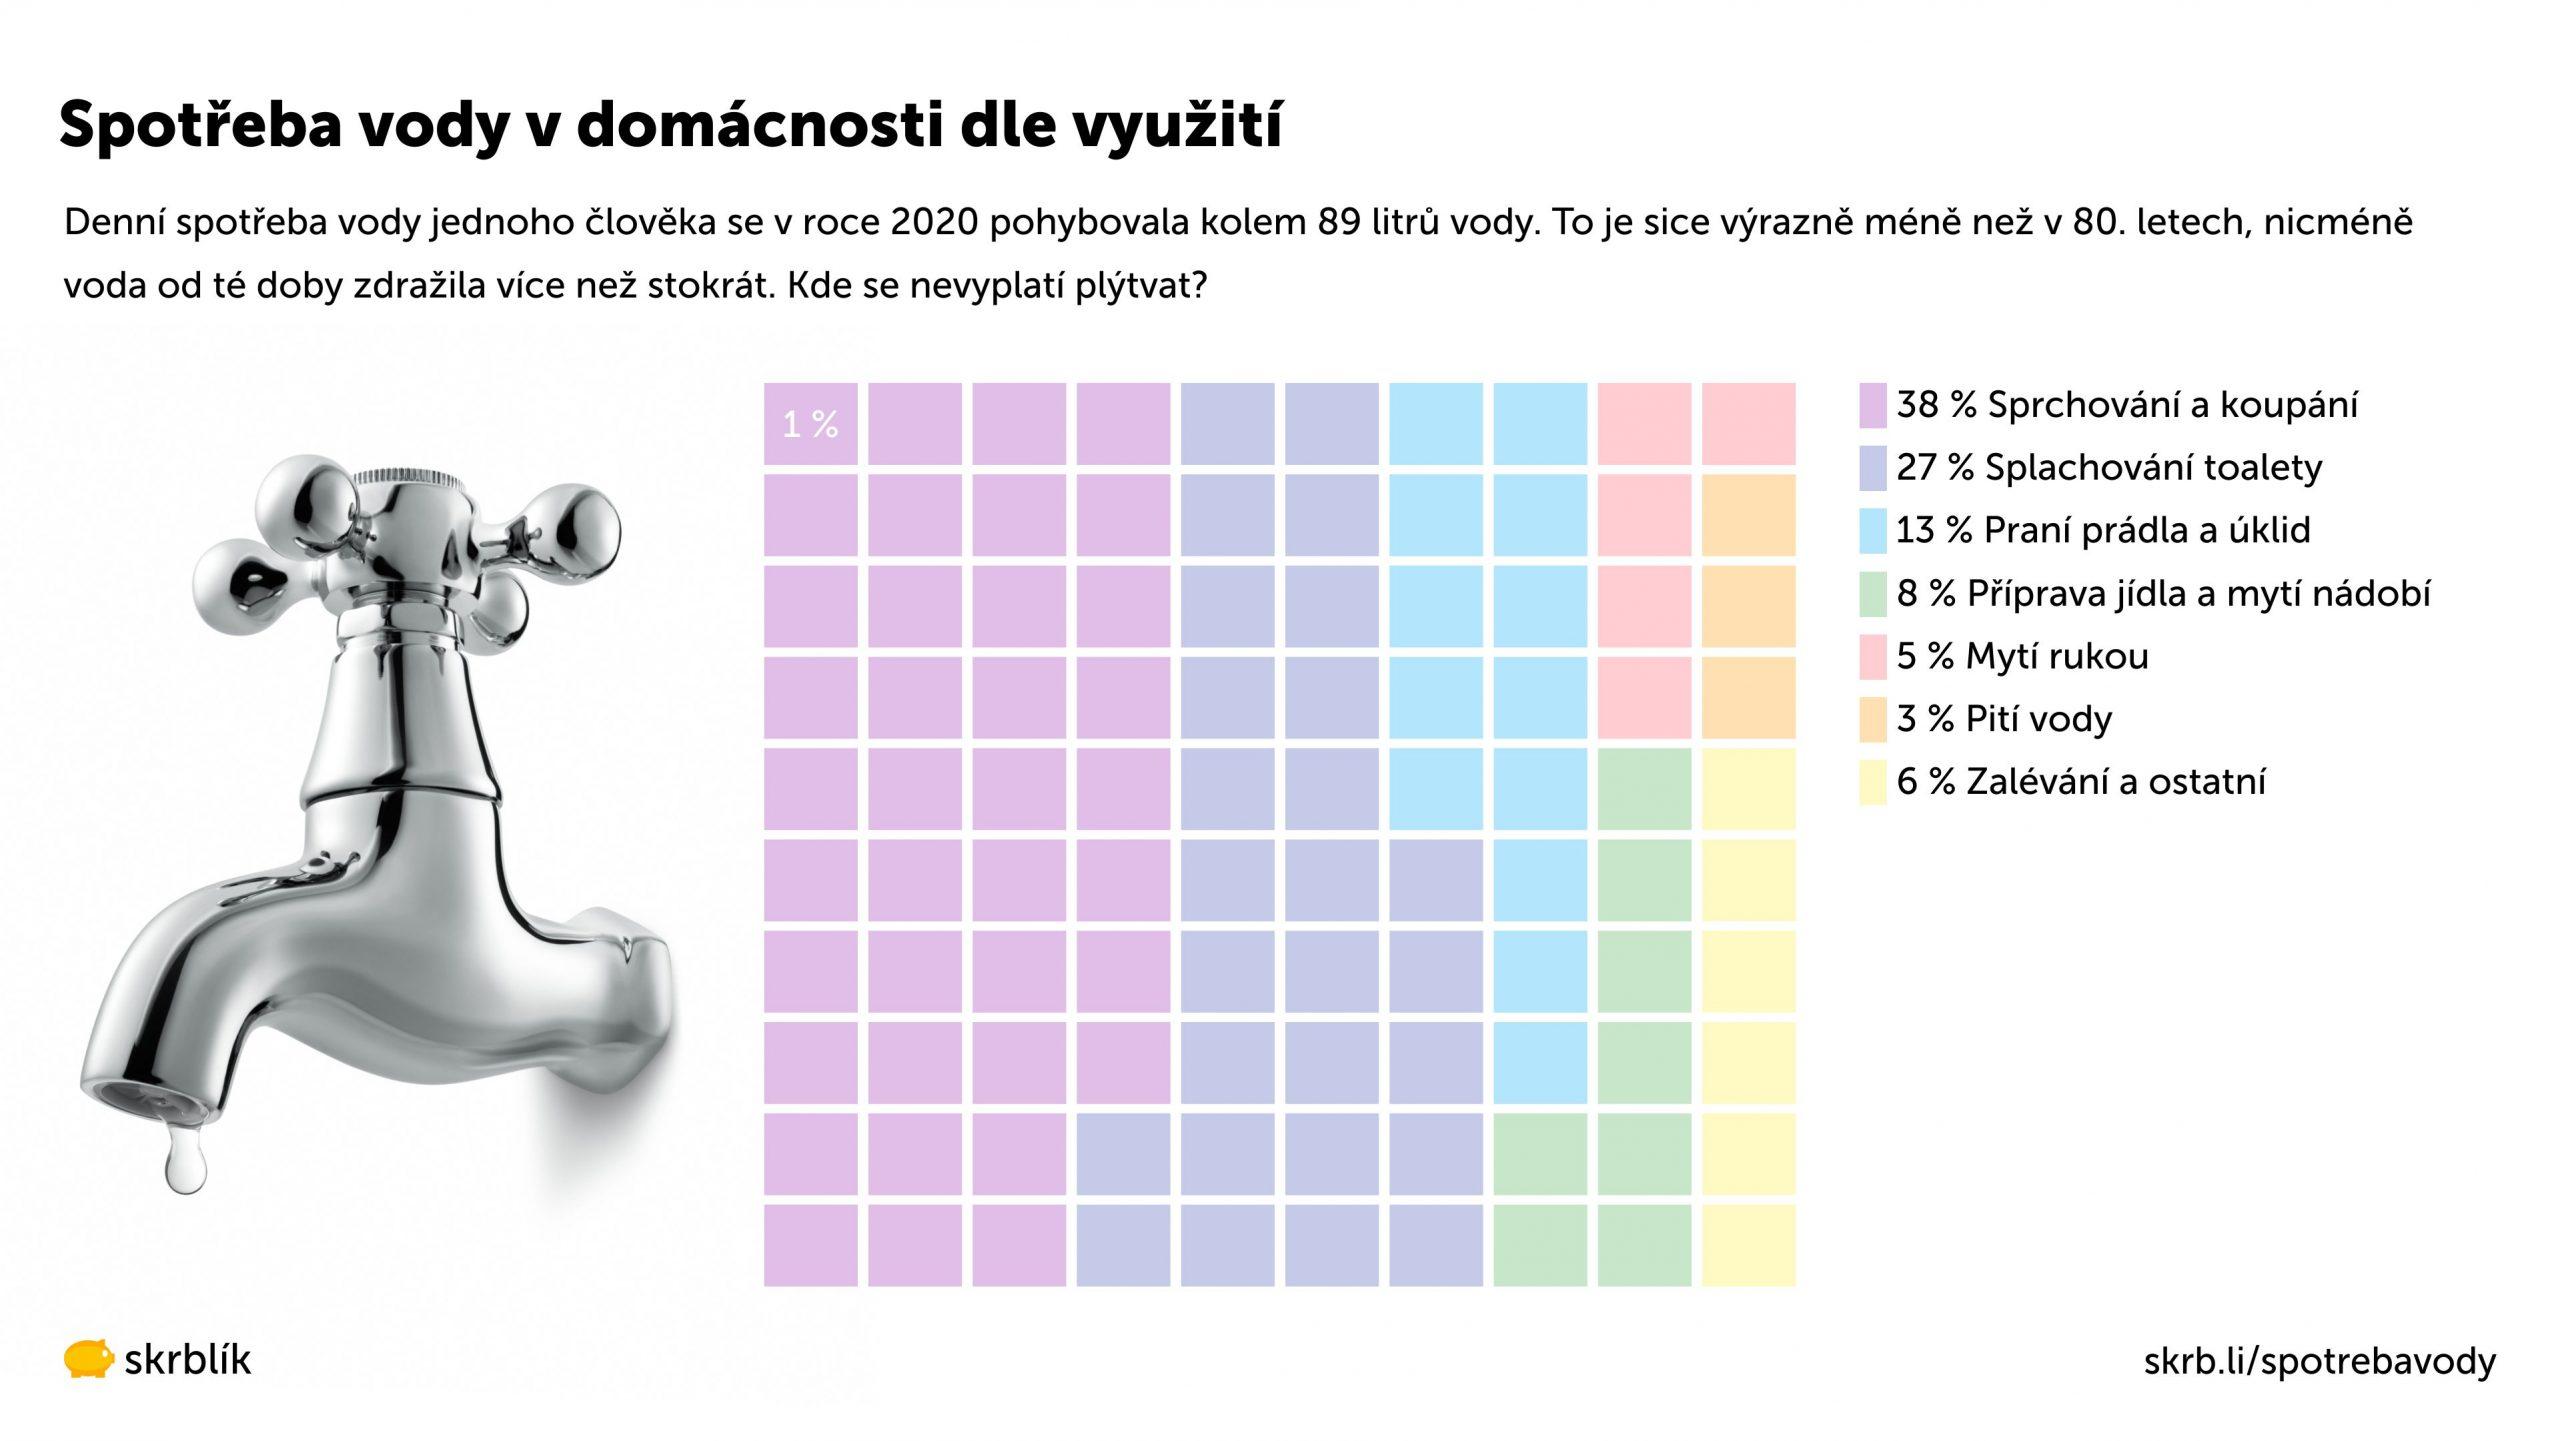 Spotřeba vody v domácnosti dle využití